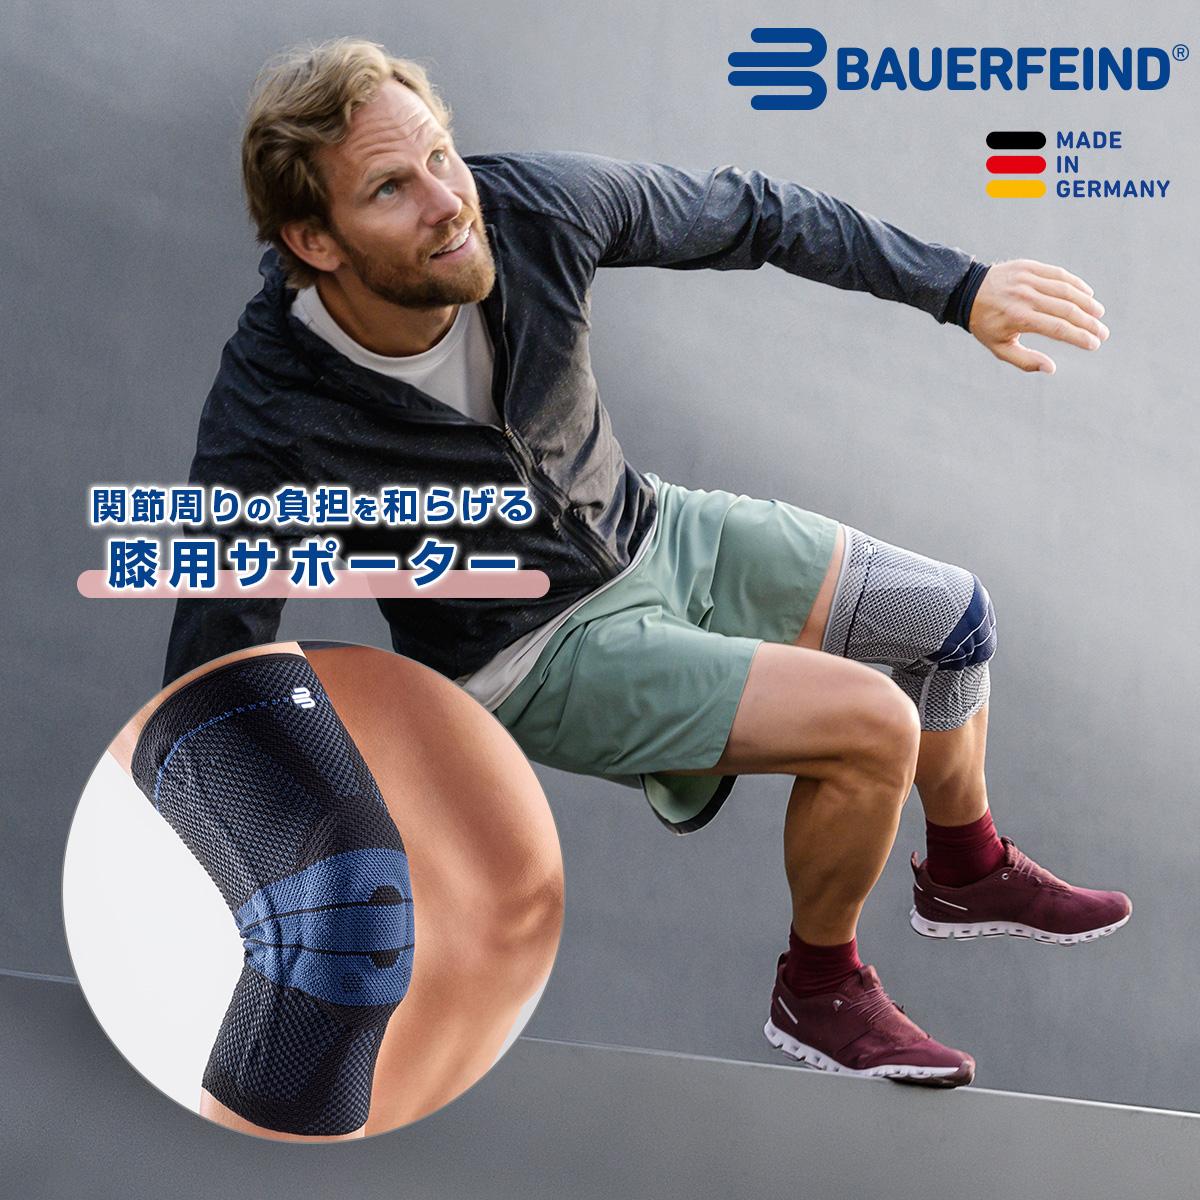 膝用サポーター ゲニュTrain(ゲニュトレイン)